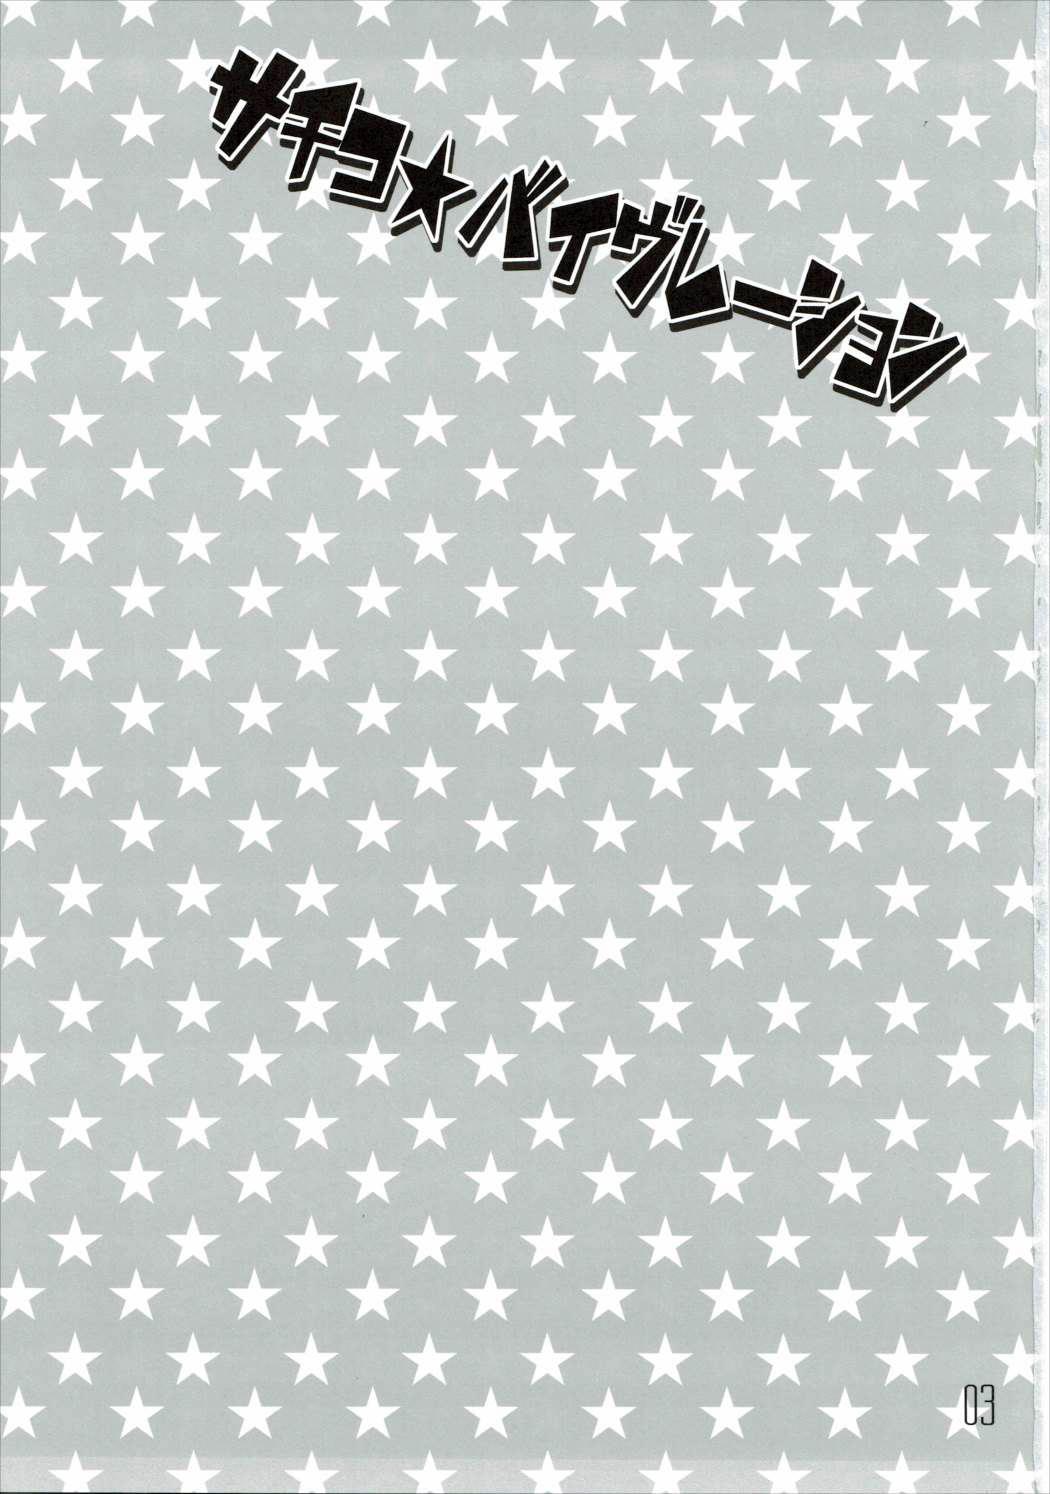 Sachiko☆Vibration 1